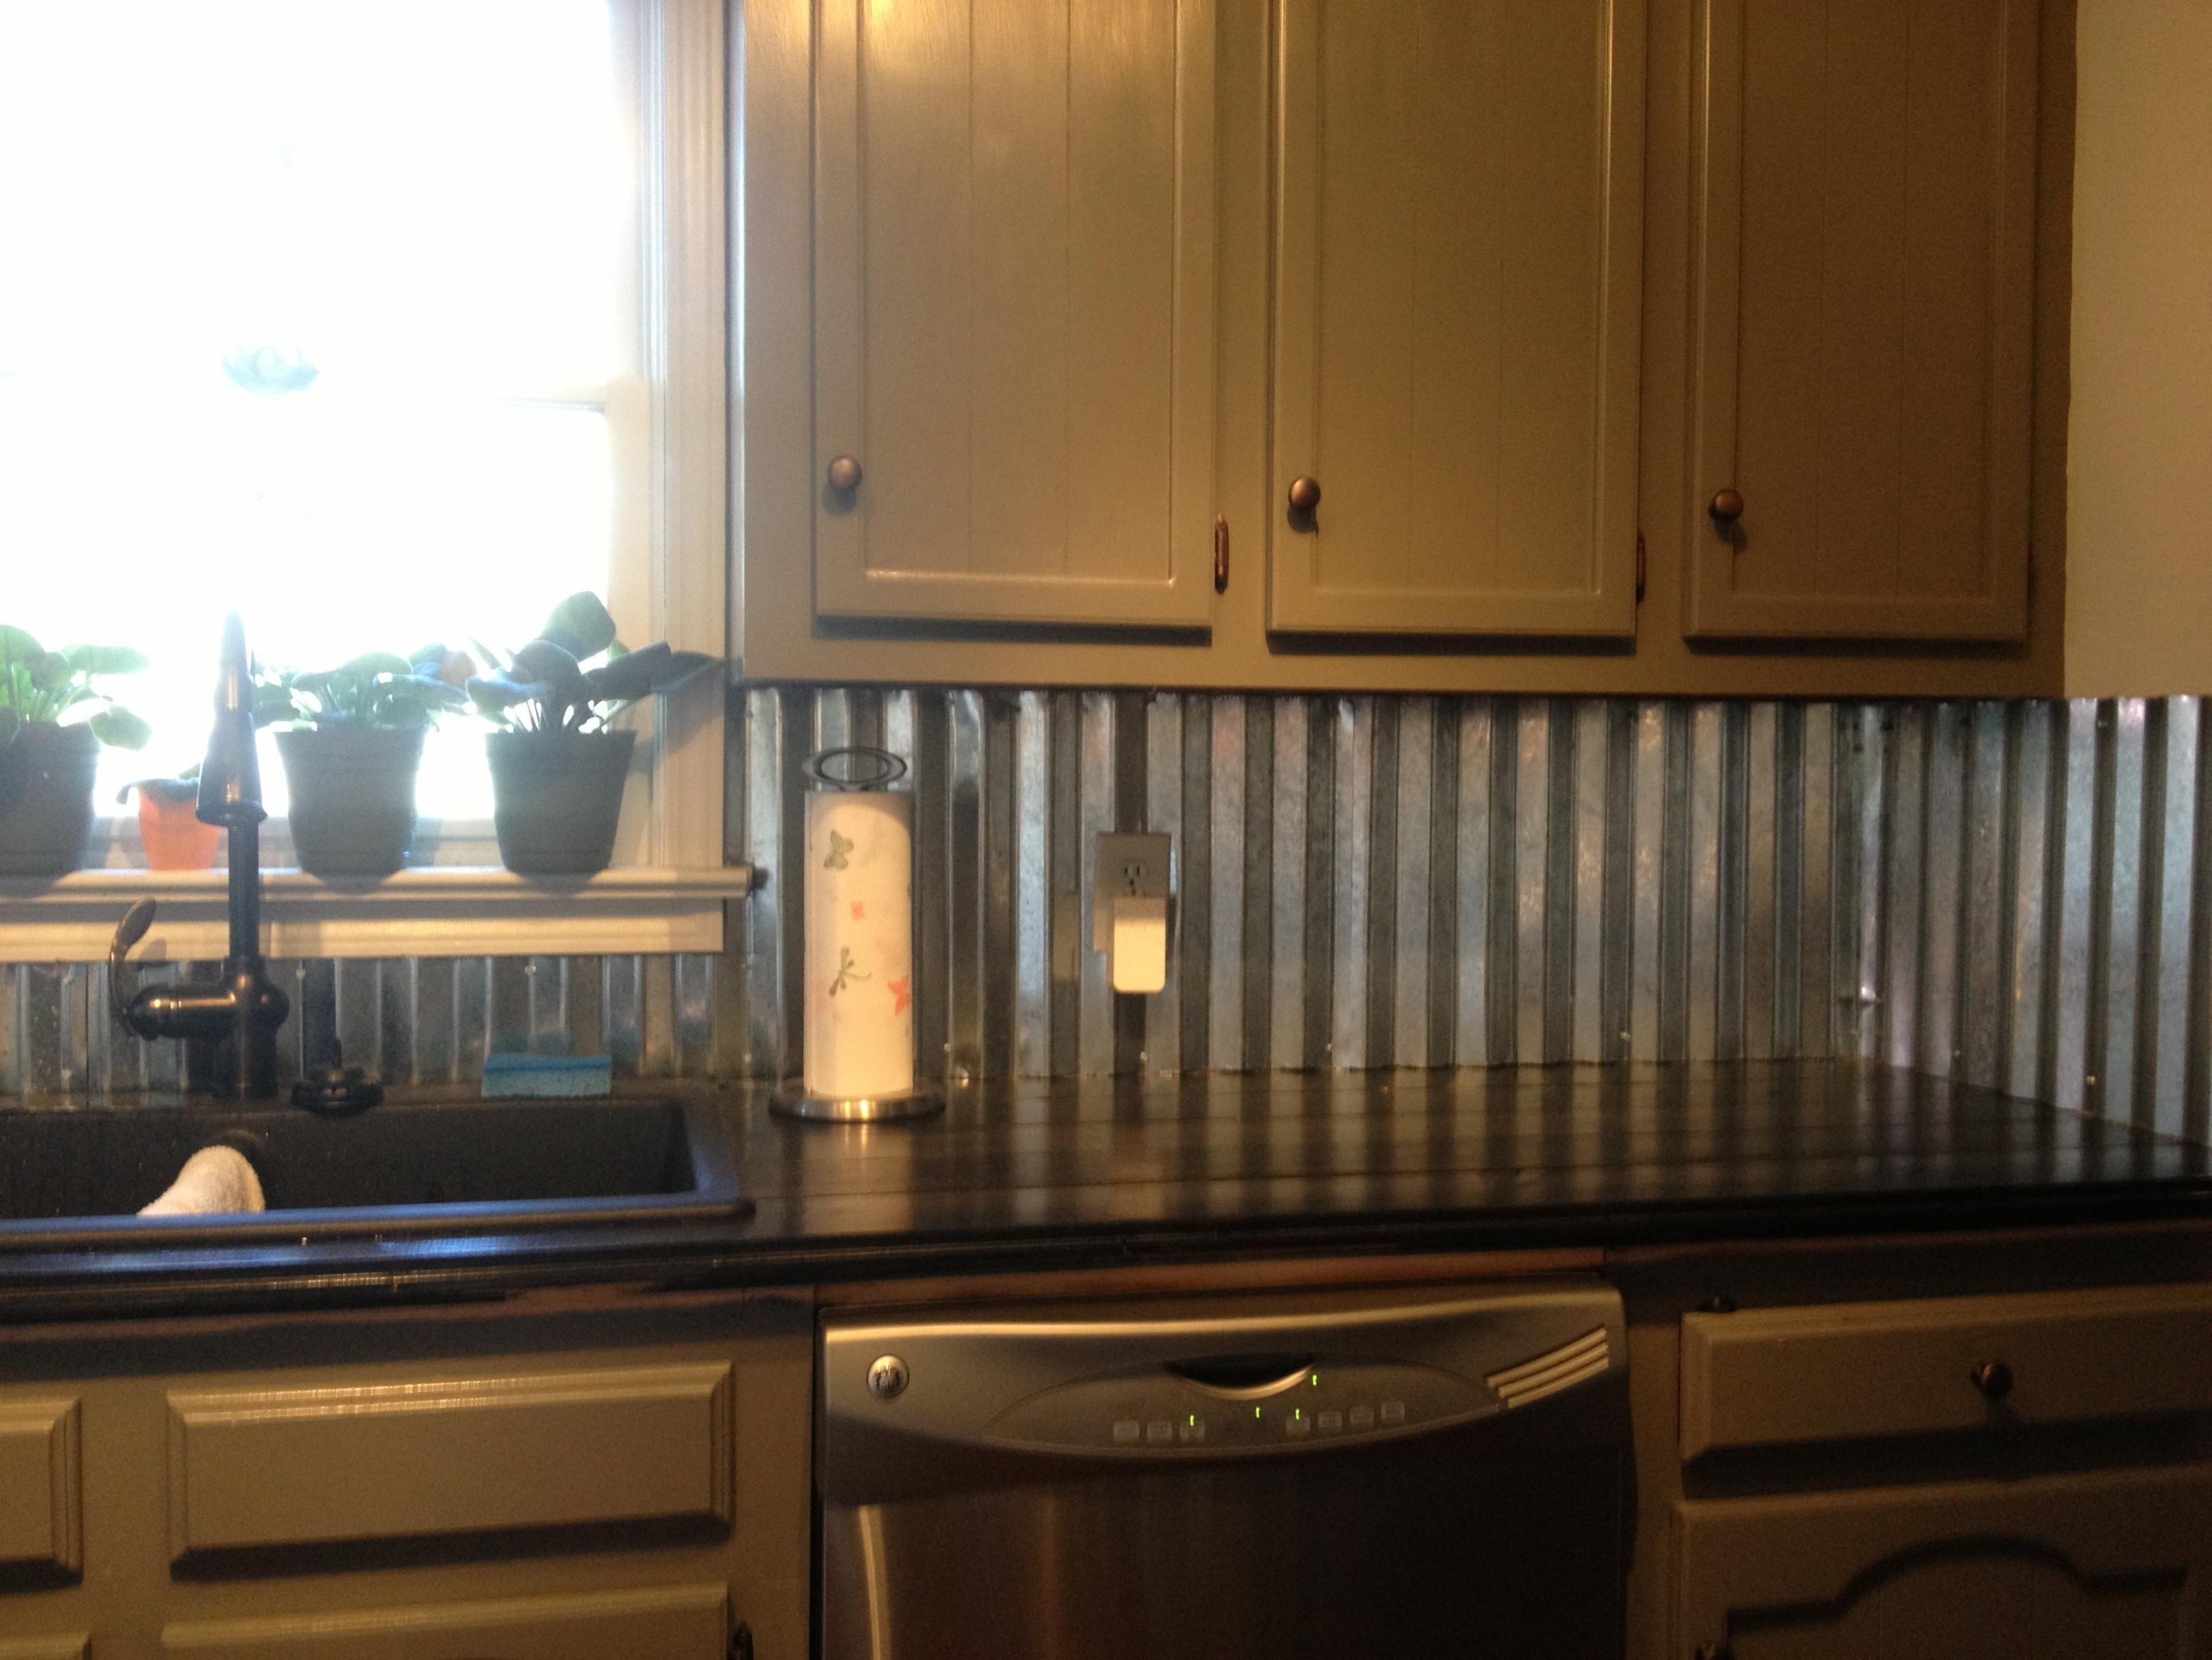 Corrugated Metal For The Backsplash Hmmmm Metal Backsplash Kitchen Metallic Backsplash Unique Kitchen Backsplash